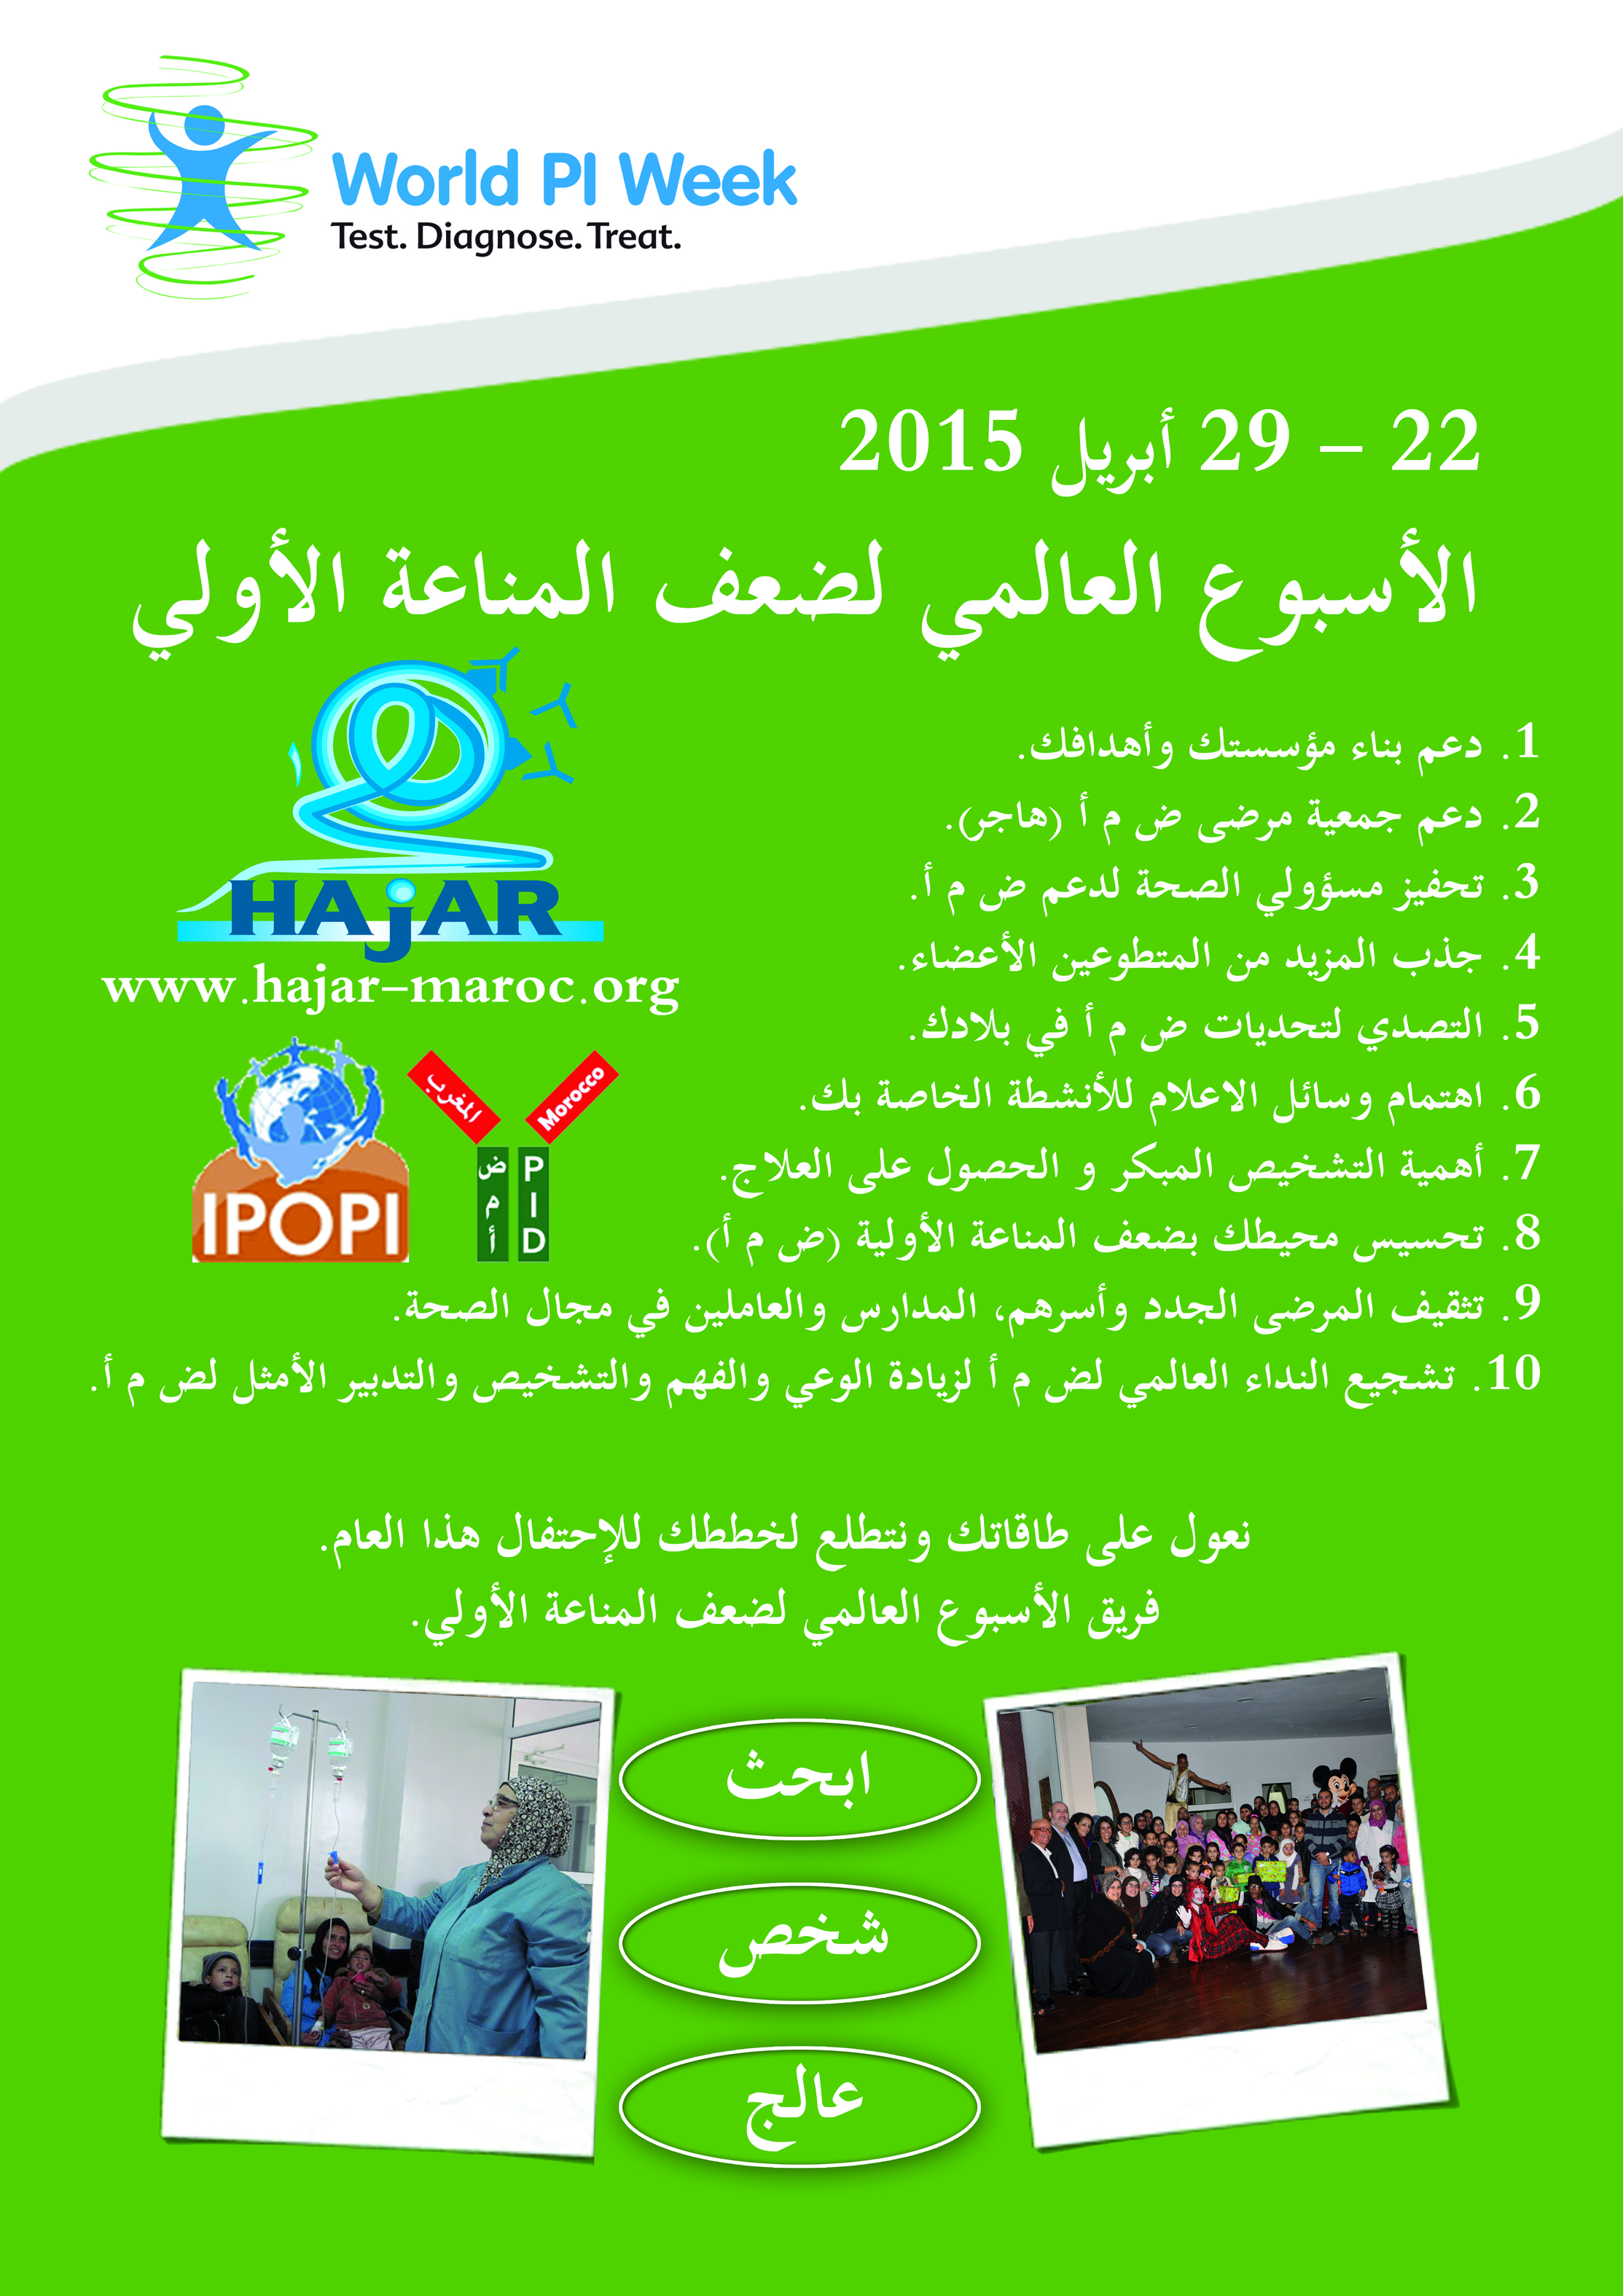 WPIW 2015 Poster 2 Arabic